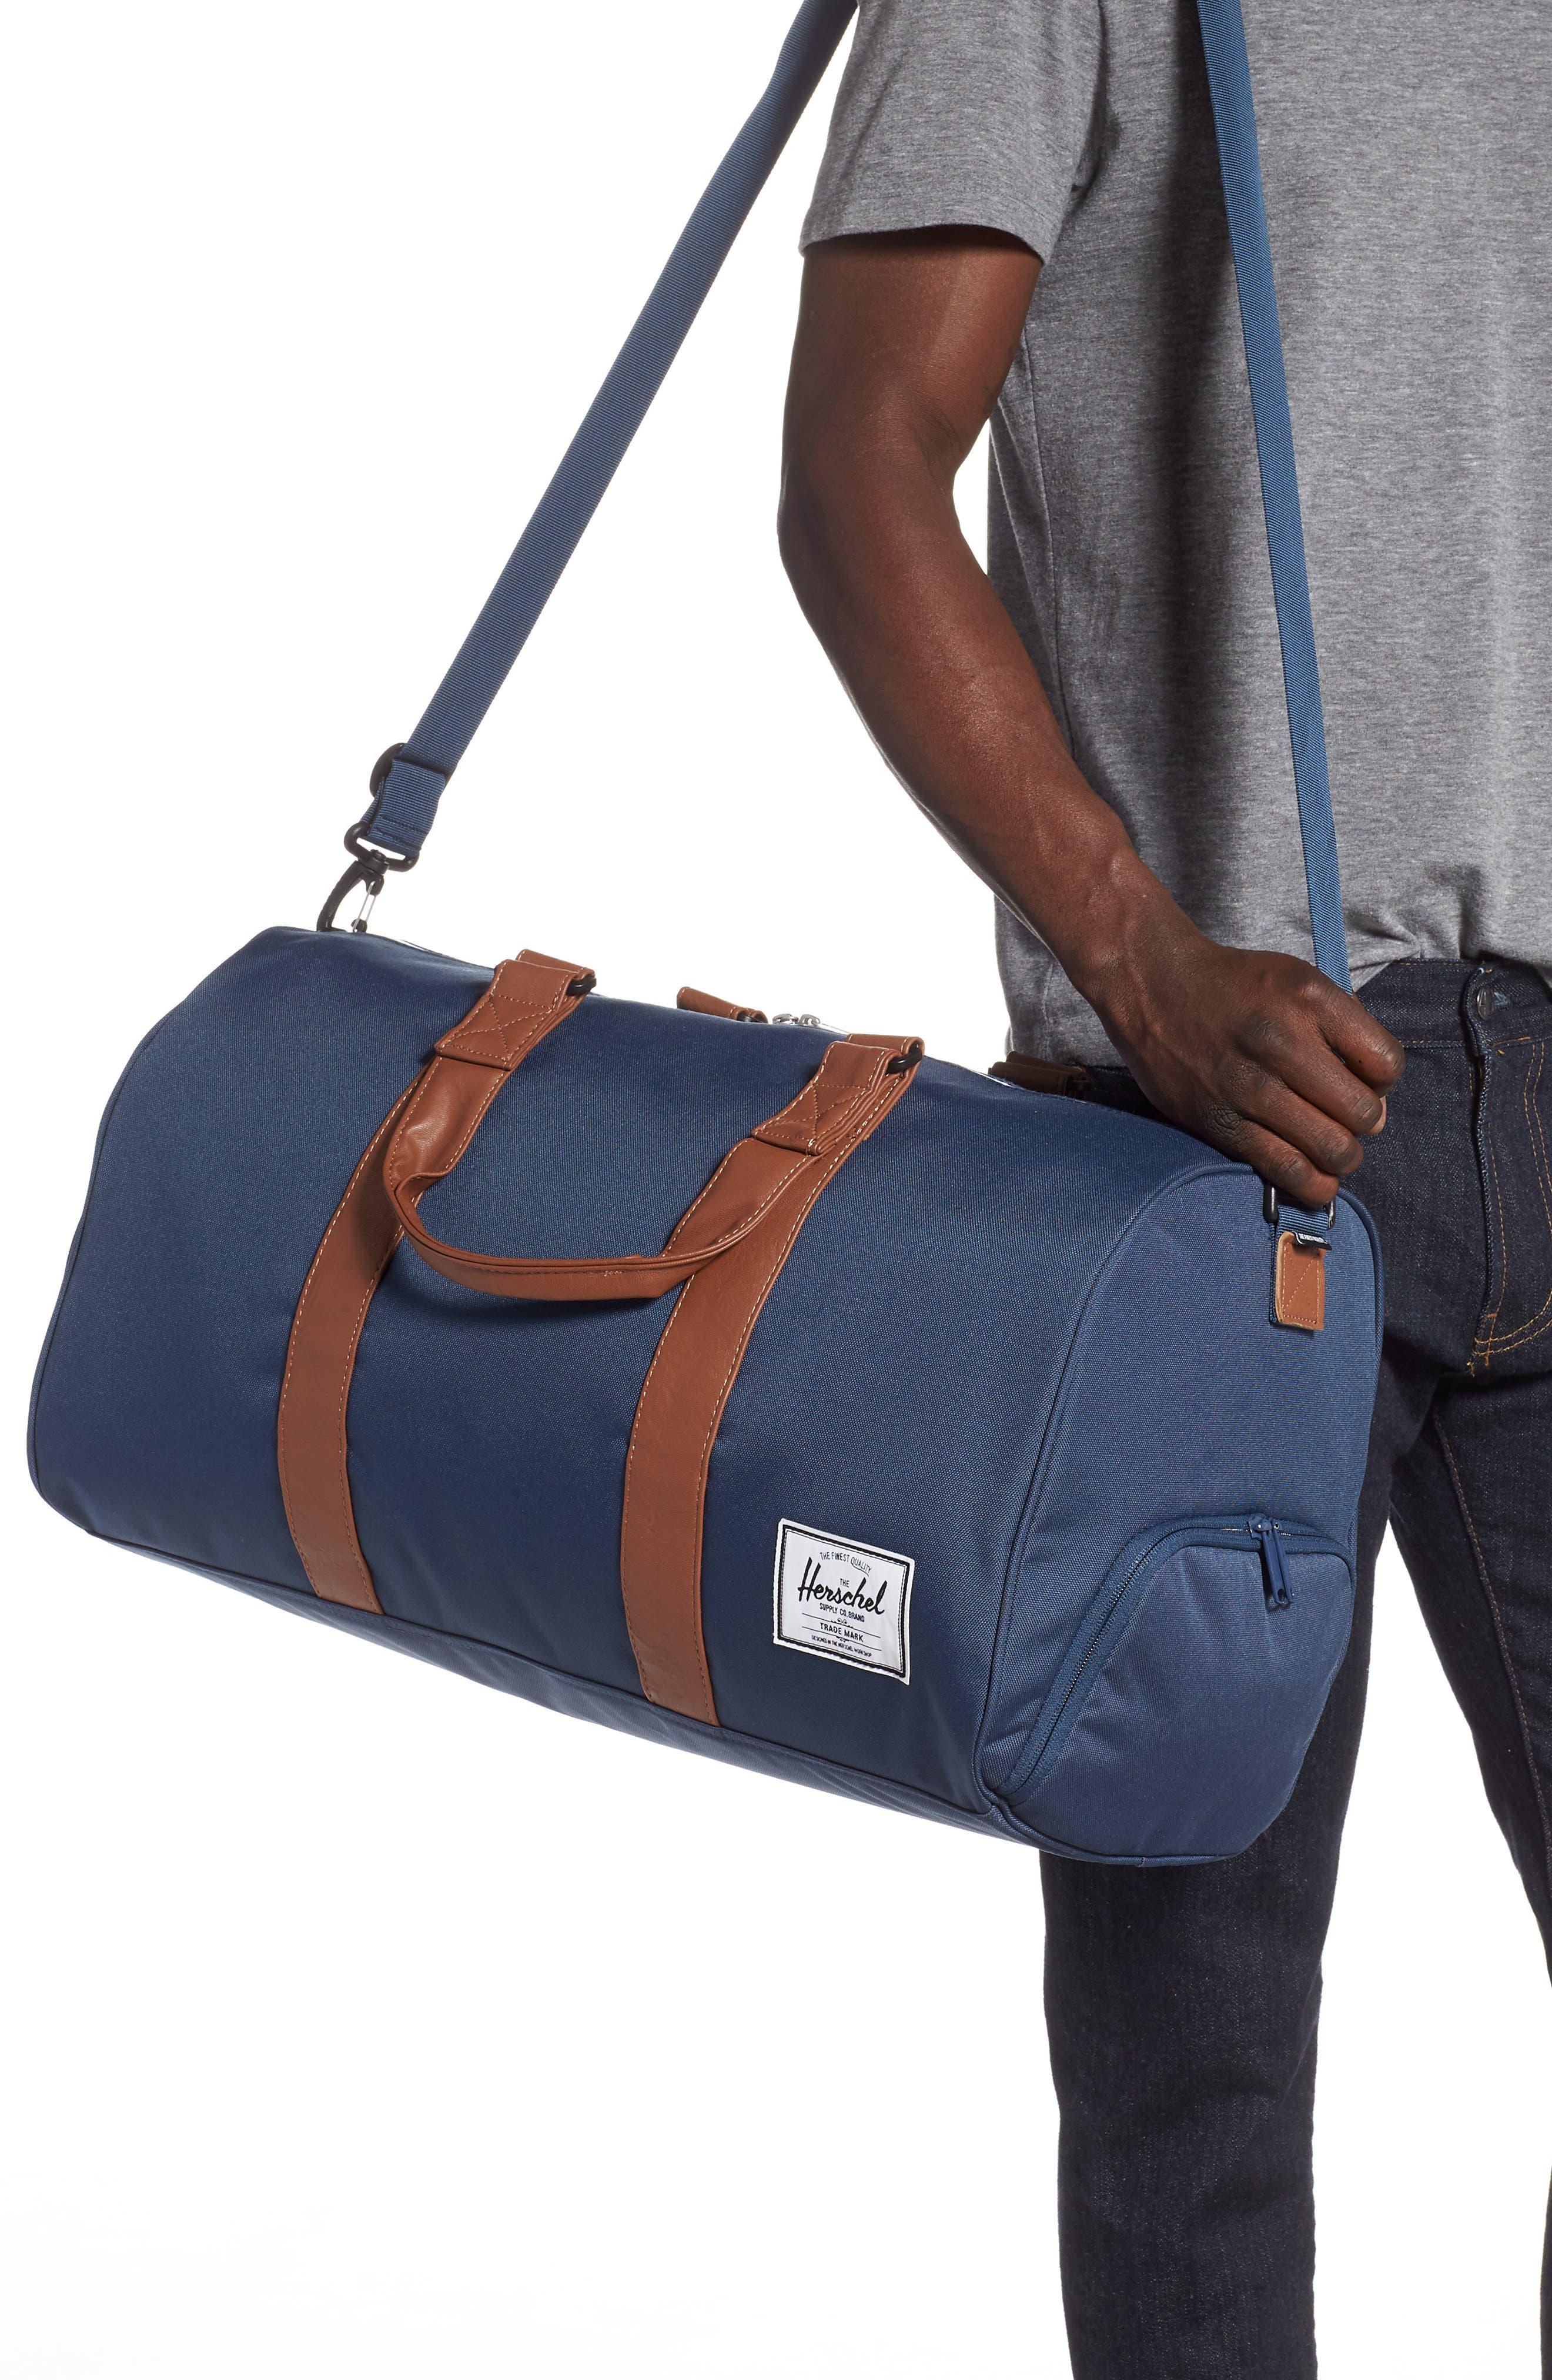 8a842c9312633d Duffle Bags & Weekender Bags | Nordstrom